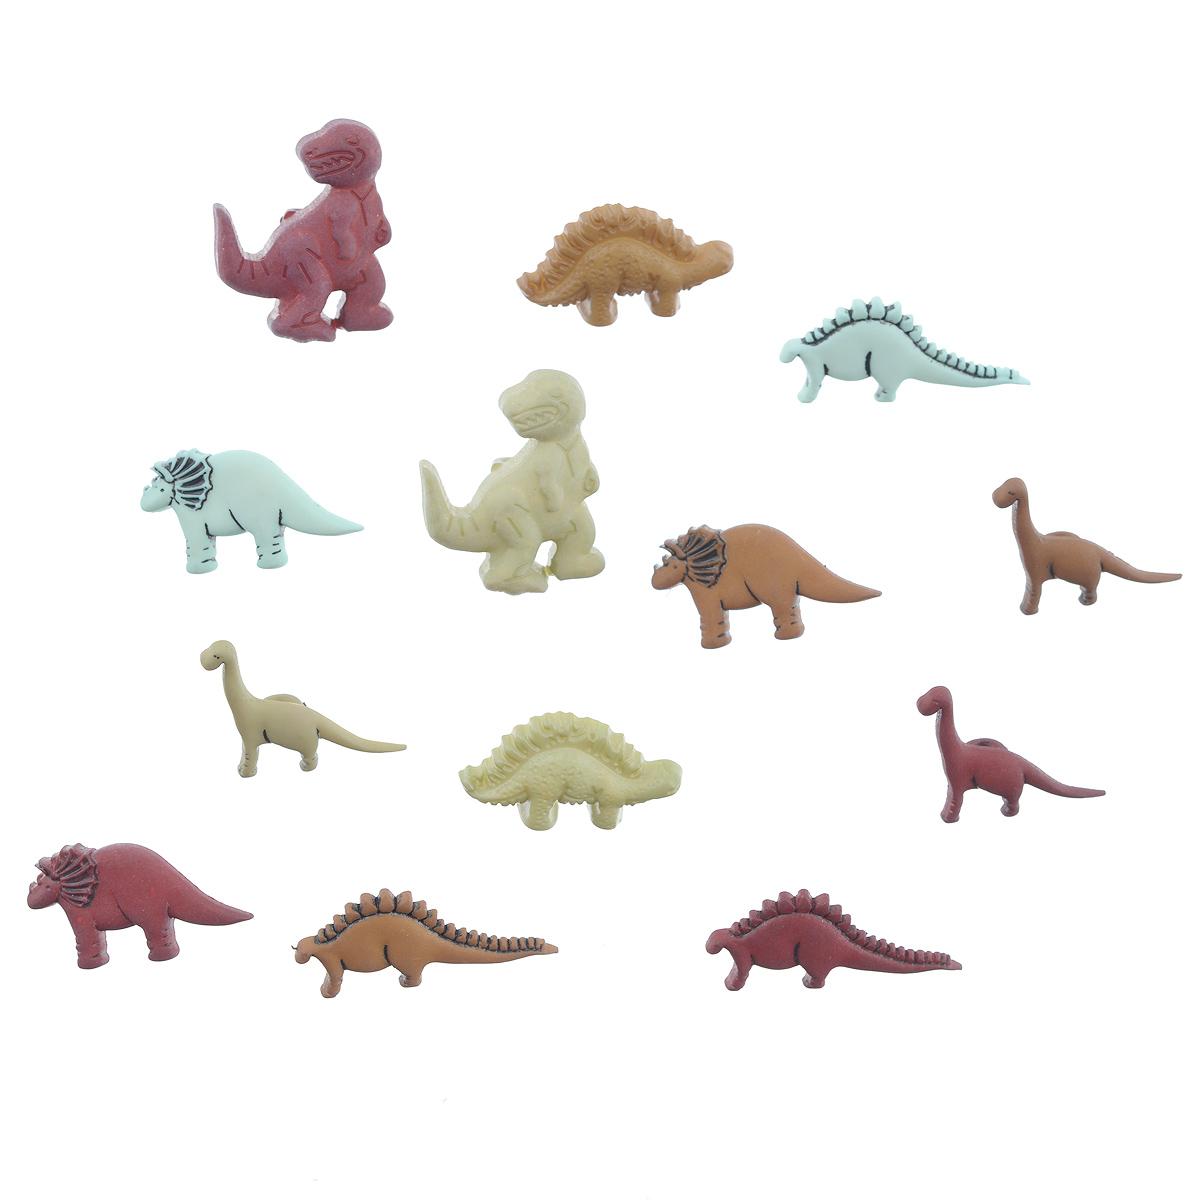 Пуговицы декоративные Buttons Galore & More Dinosaurs, 12 шт7708767Набор Buttons Galore & More Dinosaurs состоит из 12 декоративных пуговиц. Все элементы выполнены из пластика в виде динозавров. Такие пуговицы подходят для любых видов творчества: скрапбукинга, декорирования, шитья, изготовления кукол, а также для оформления одежды. С их помощью вы сможете украсить открытку, фотографию, альбом, подарок и другие предметы ручной работы. Пуговицы разных цветов имеют оригинальный и яркий дизайн. Средний размер пуговиц: 1,5 см х 2,5 см х 0,5 см.